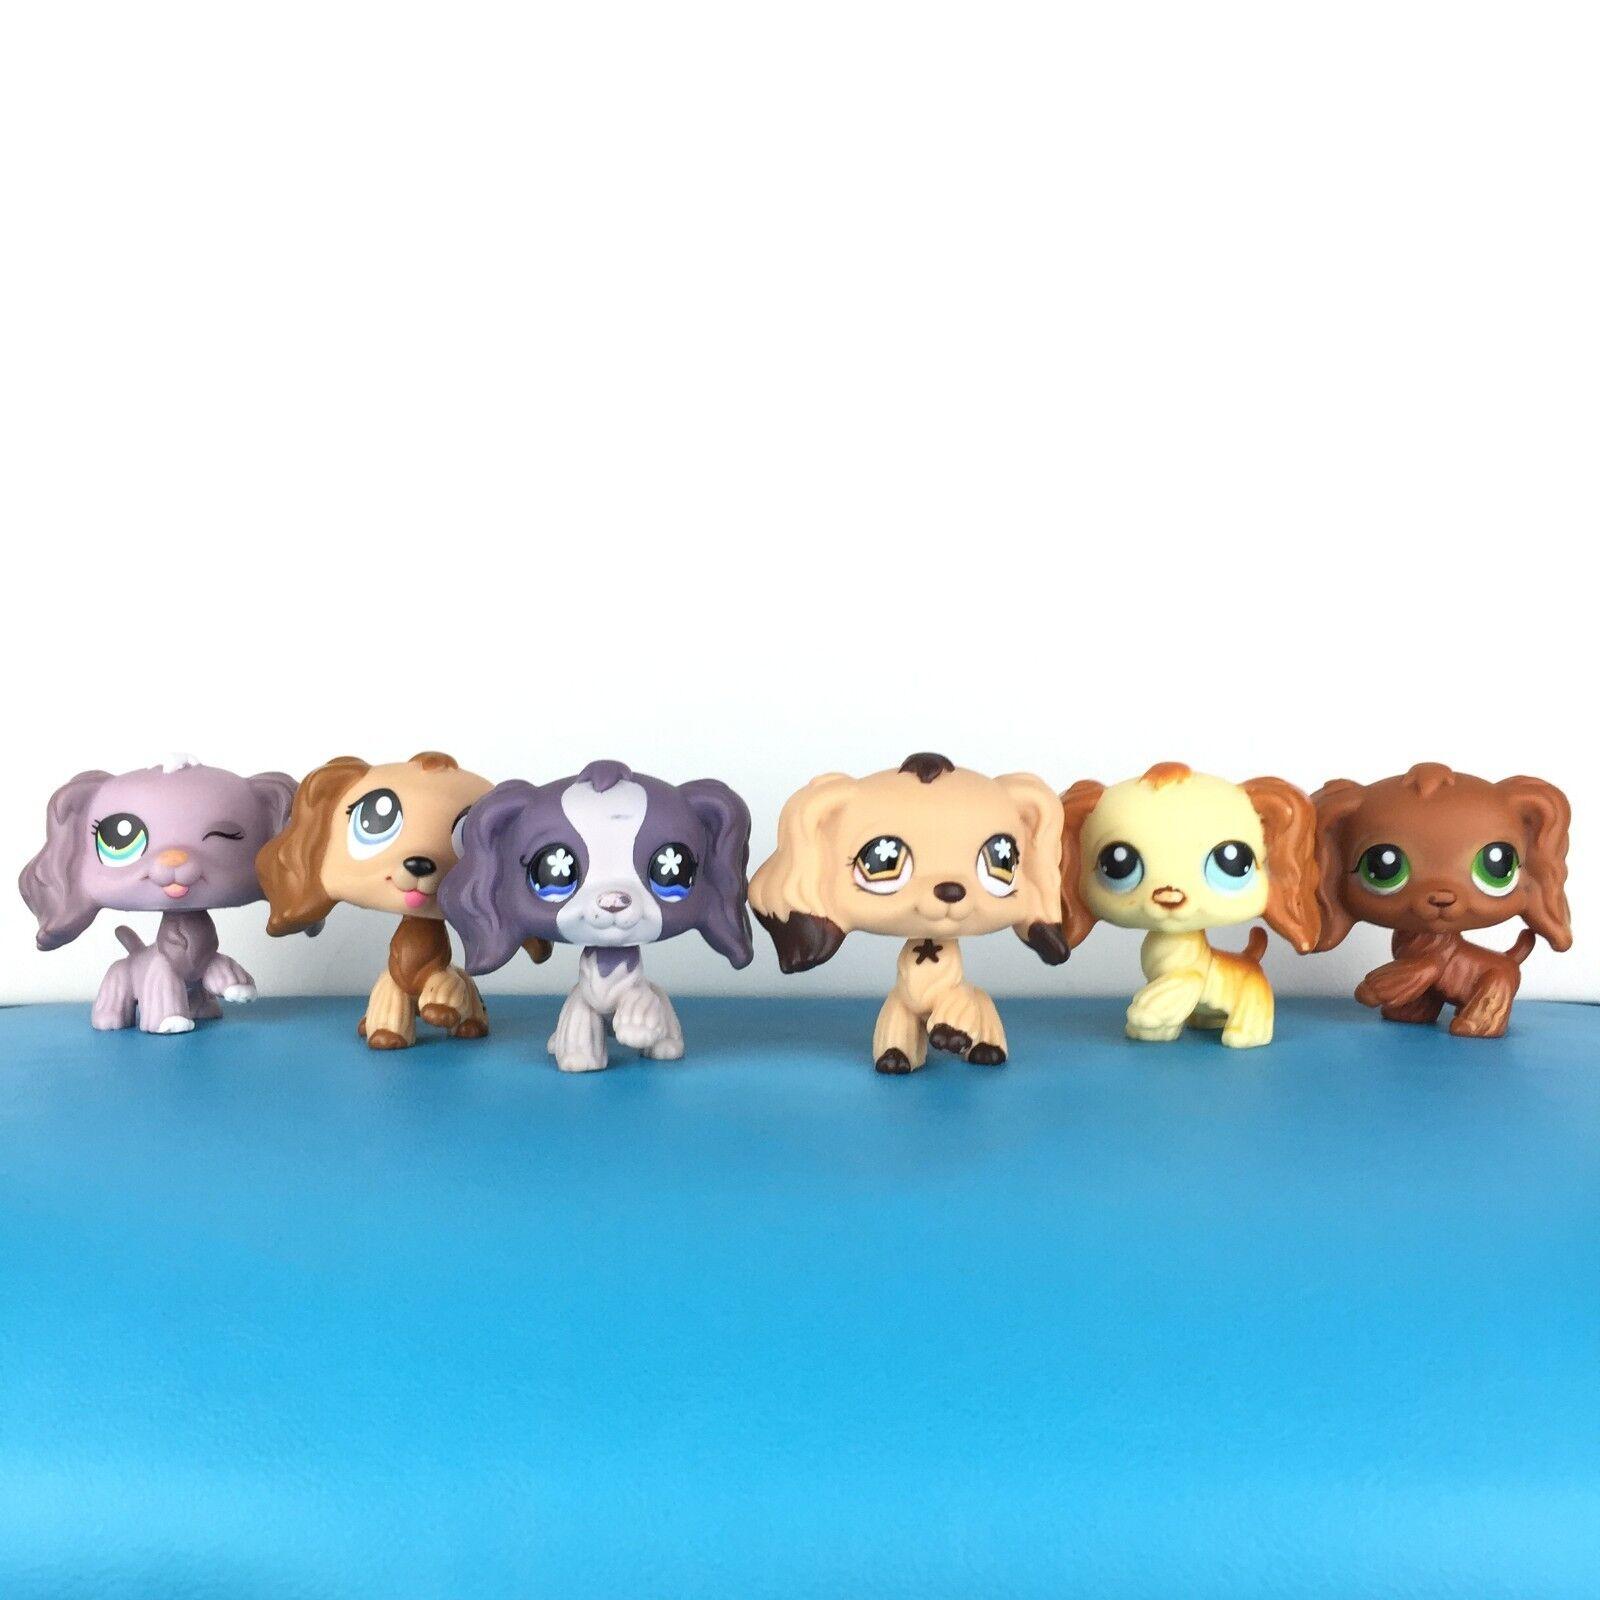 La tienda de mascotas  masa 6 pequeñost  1373 672 575 298 252 perros cam LLS.